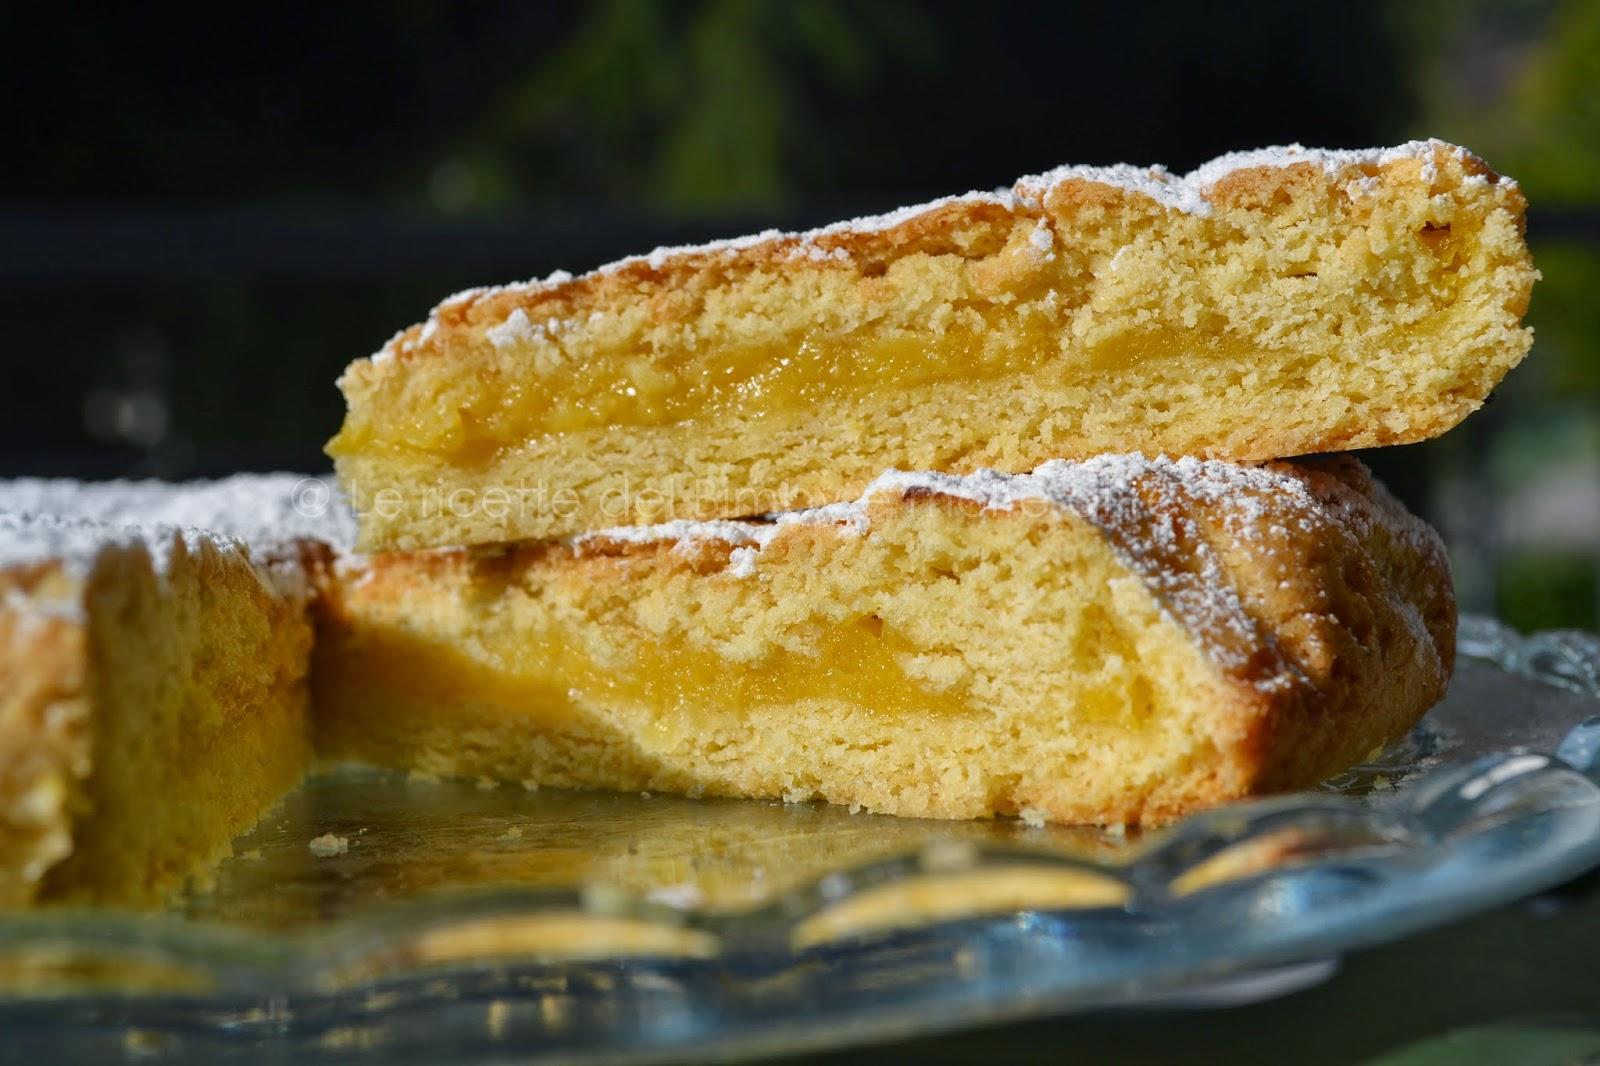 Le Ricette Del Bimby Emolte Altre Cri Torta Alla Crema Di Limone